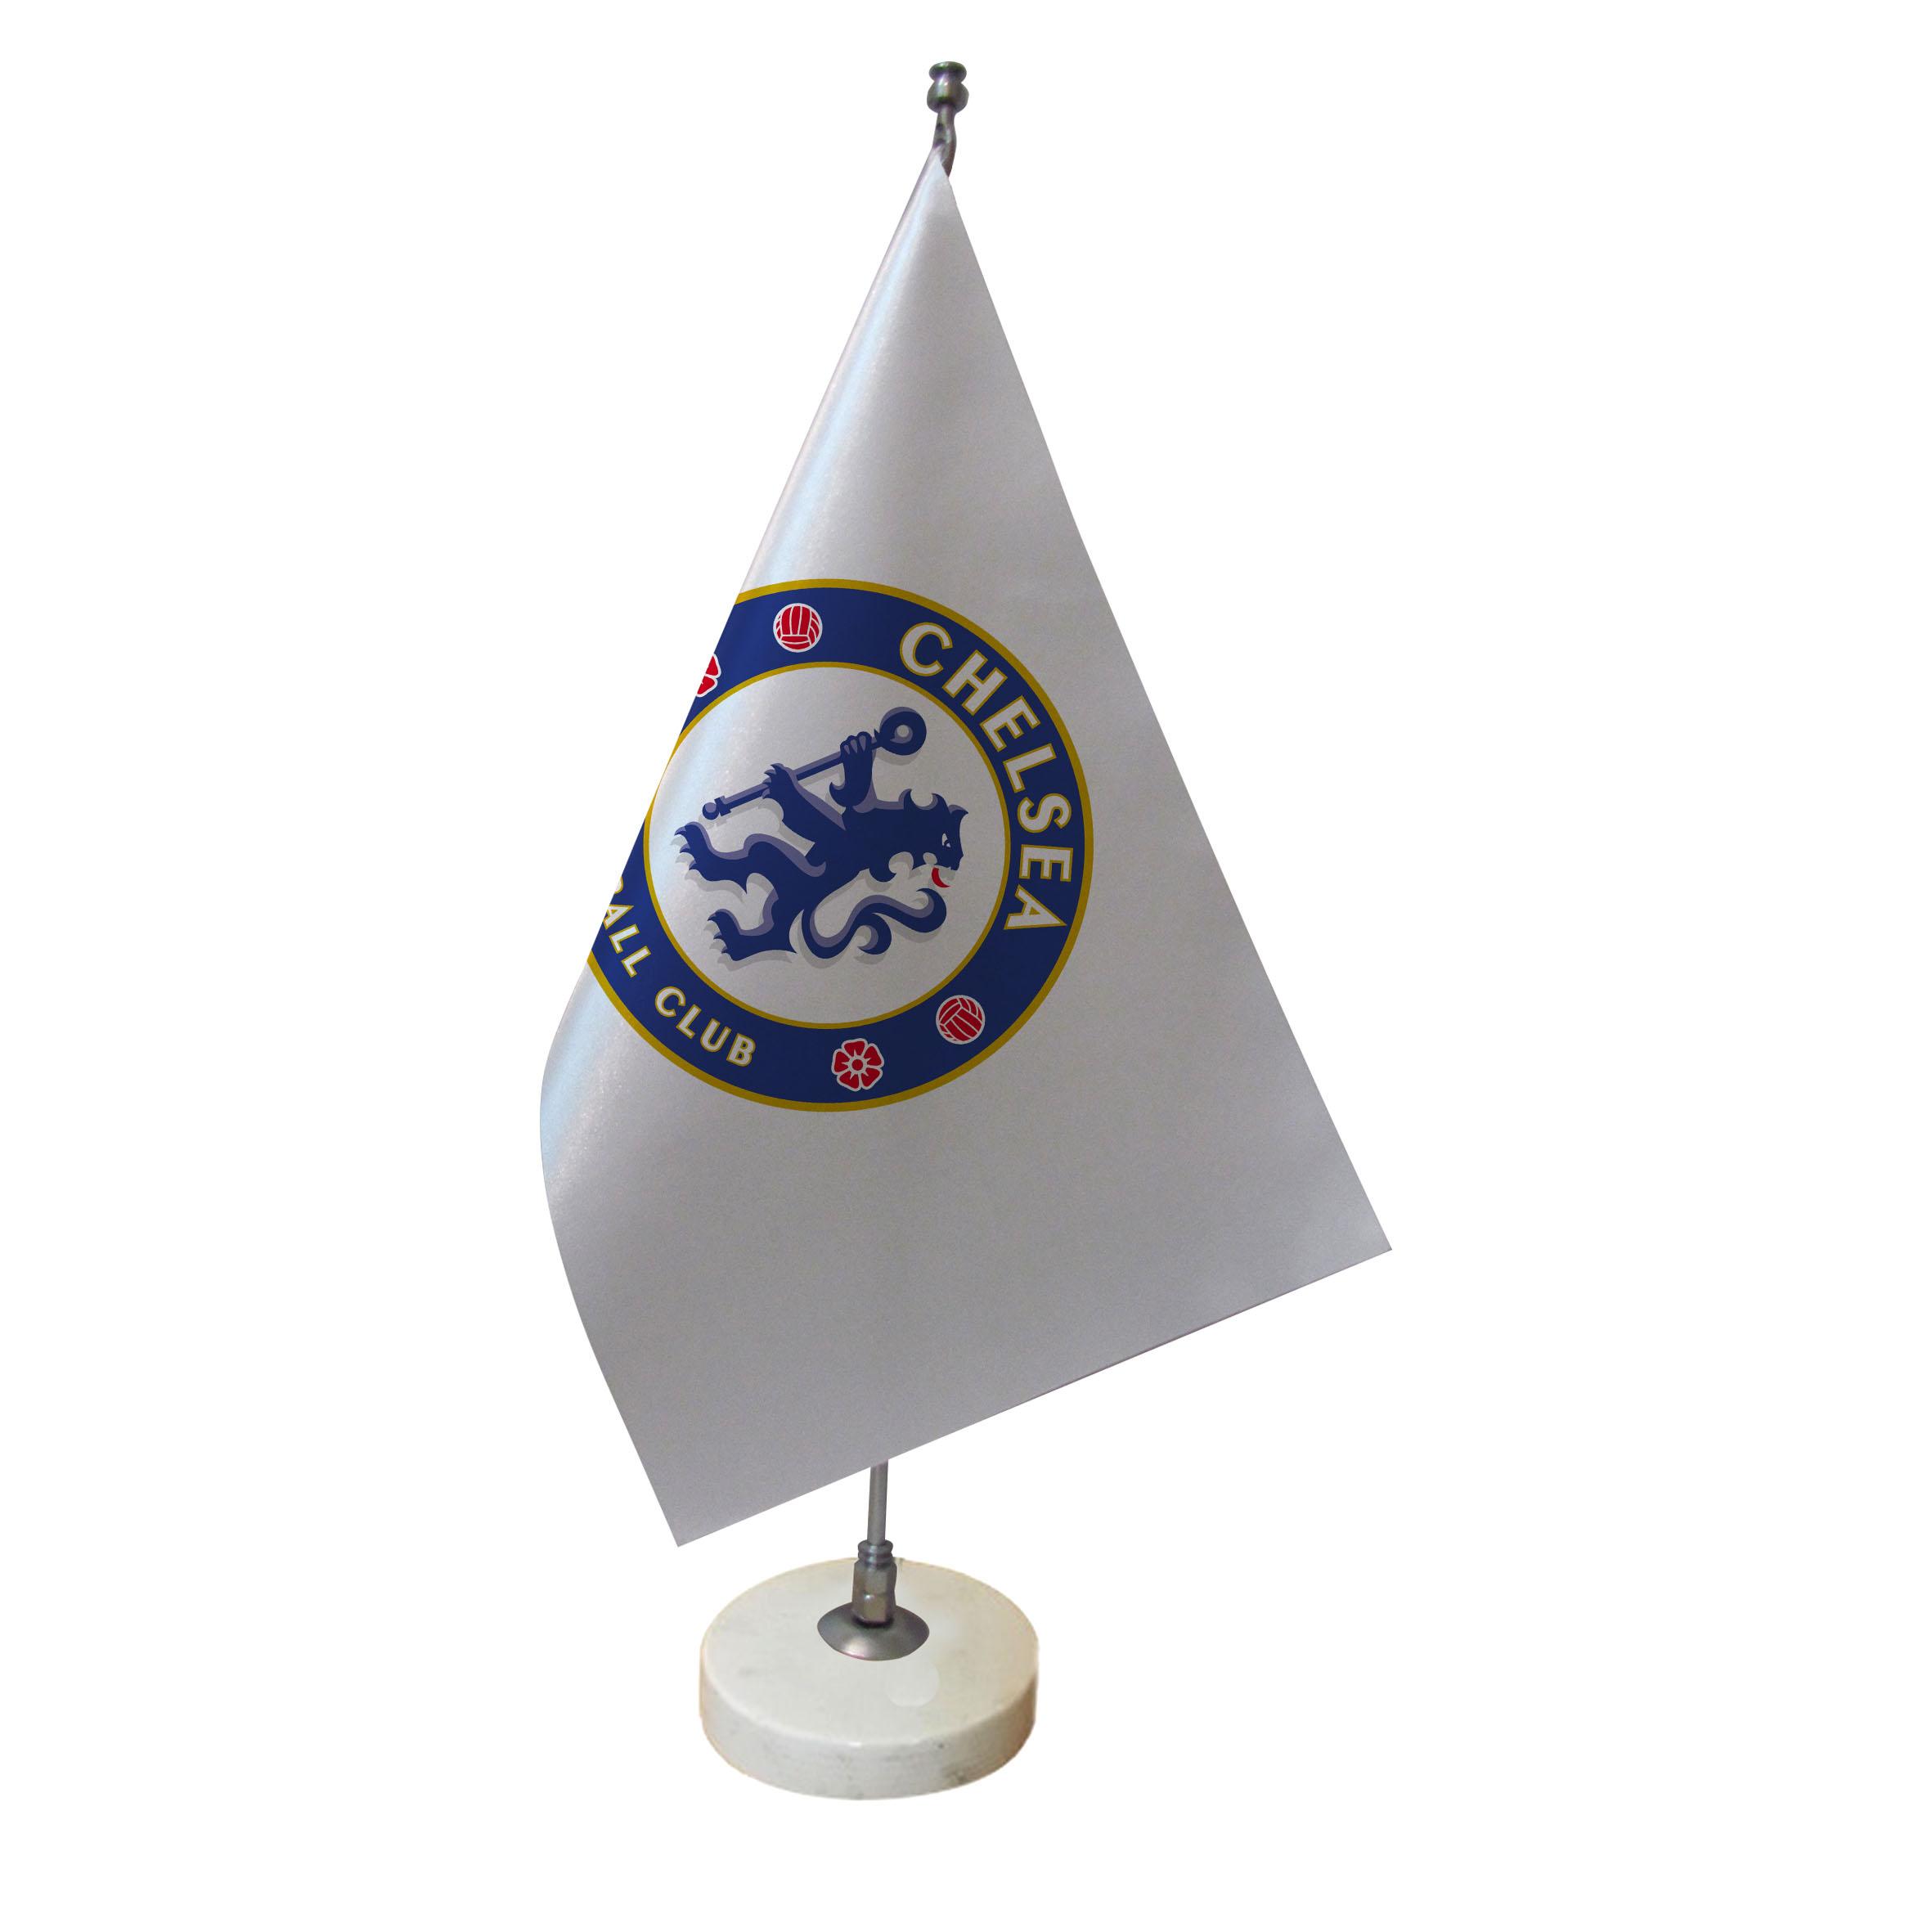 خرید                      پرچم رومیزی طرح  تیم فوتبال چلسی کد pr30